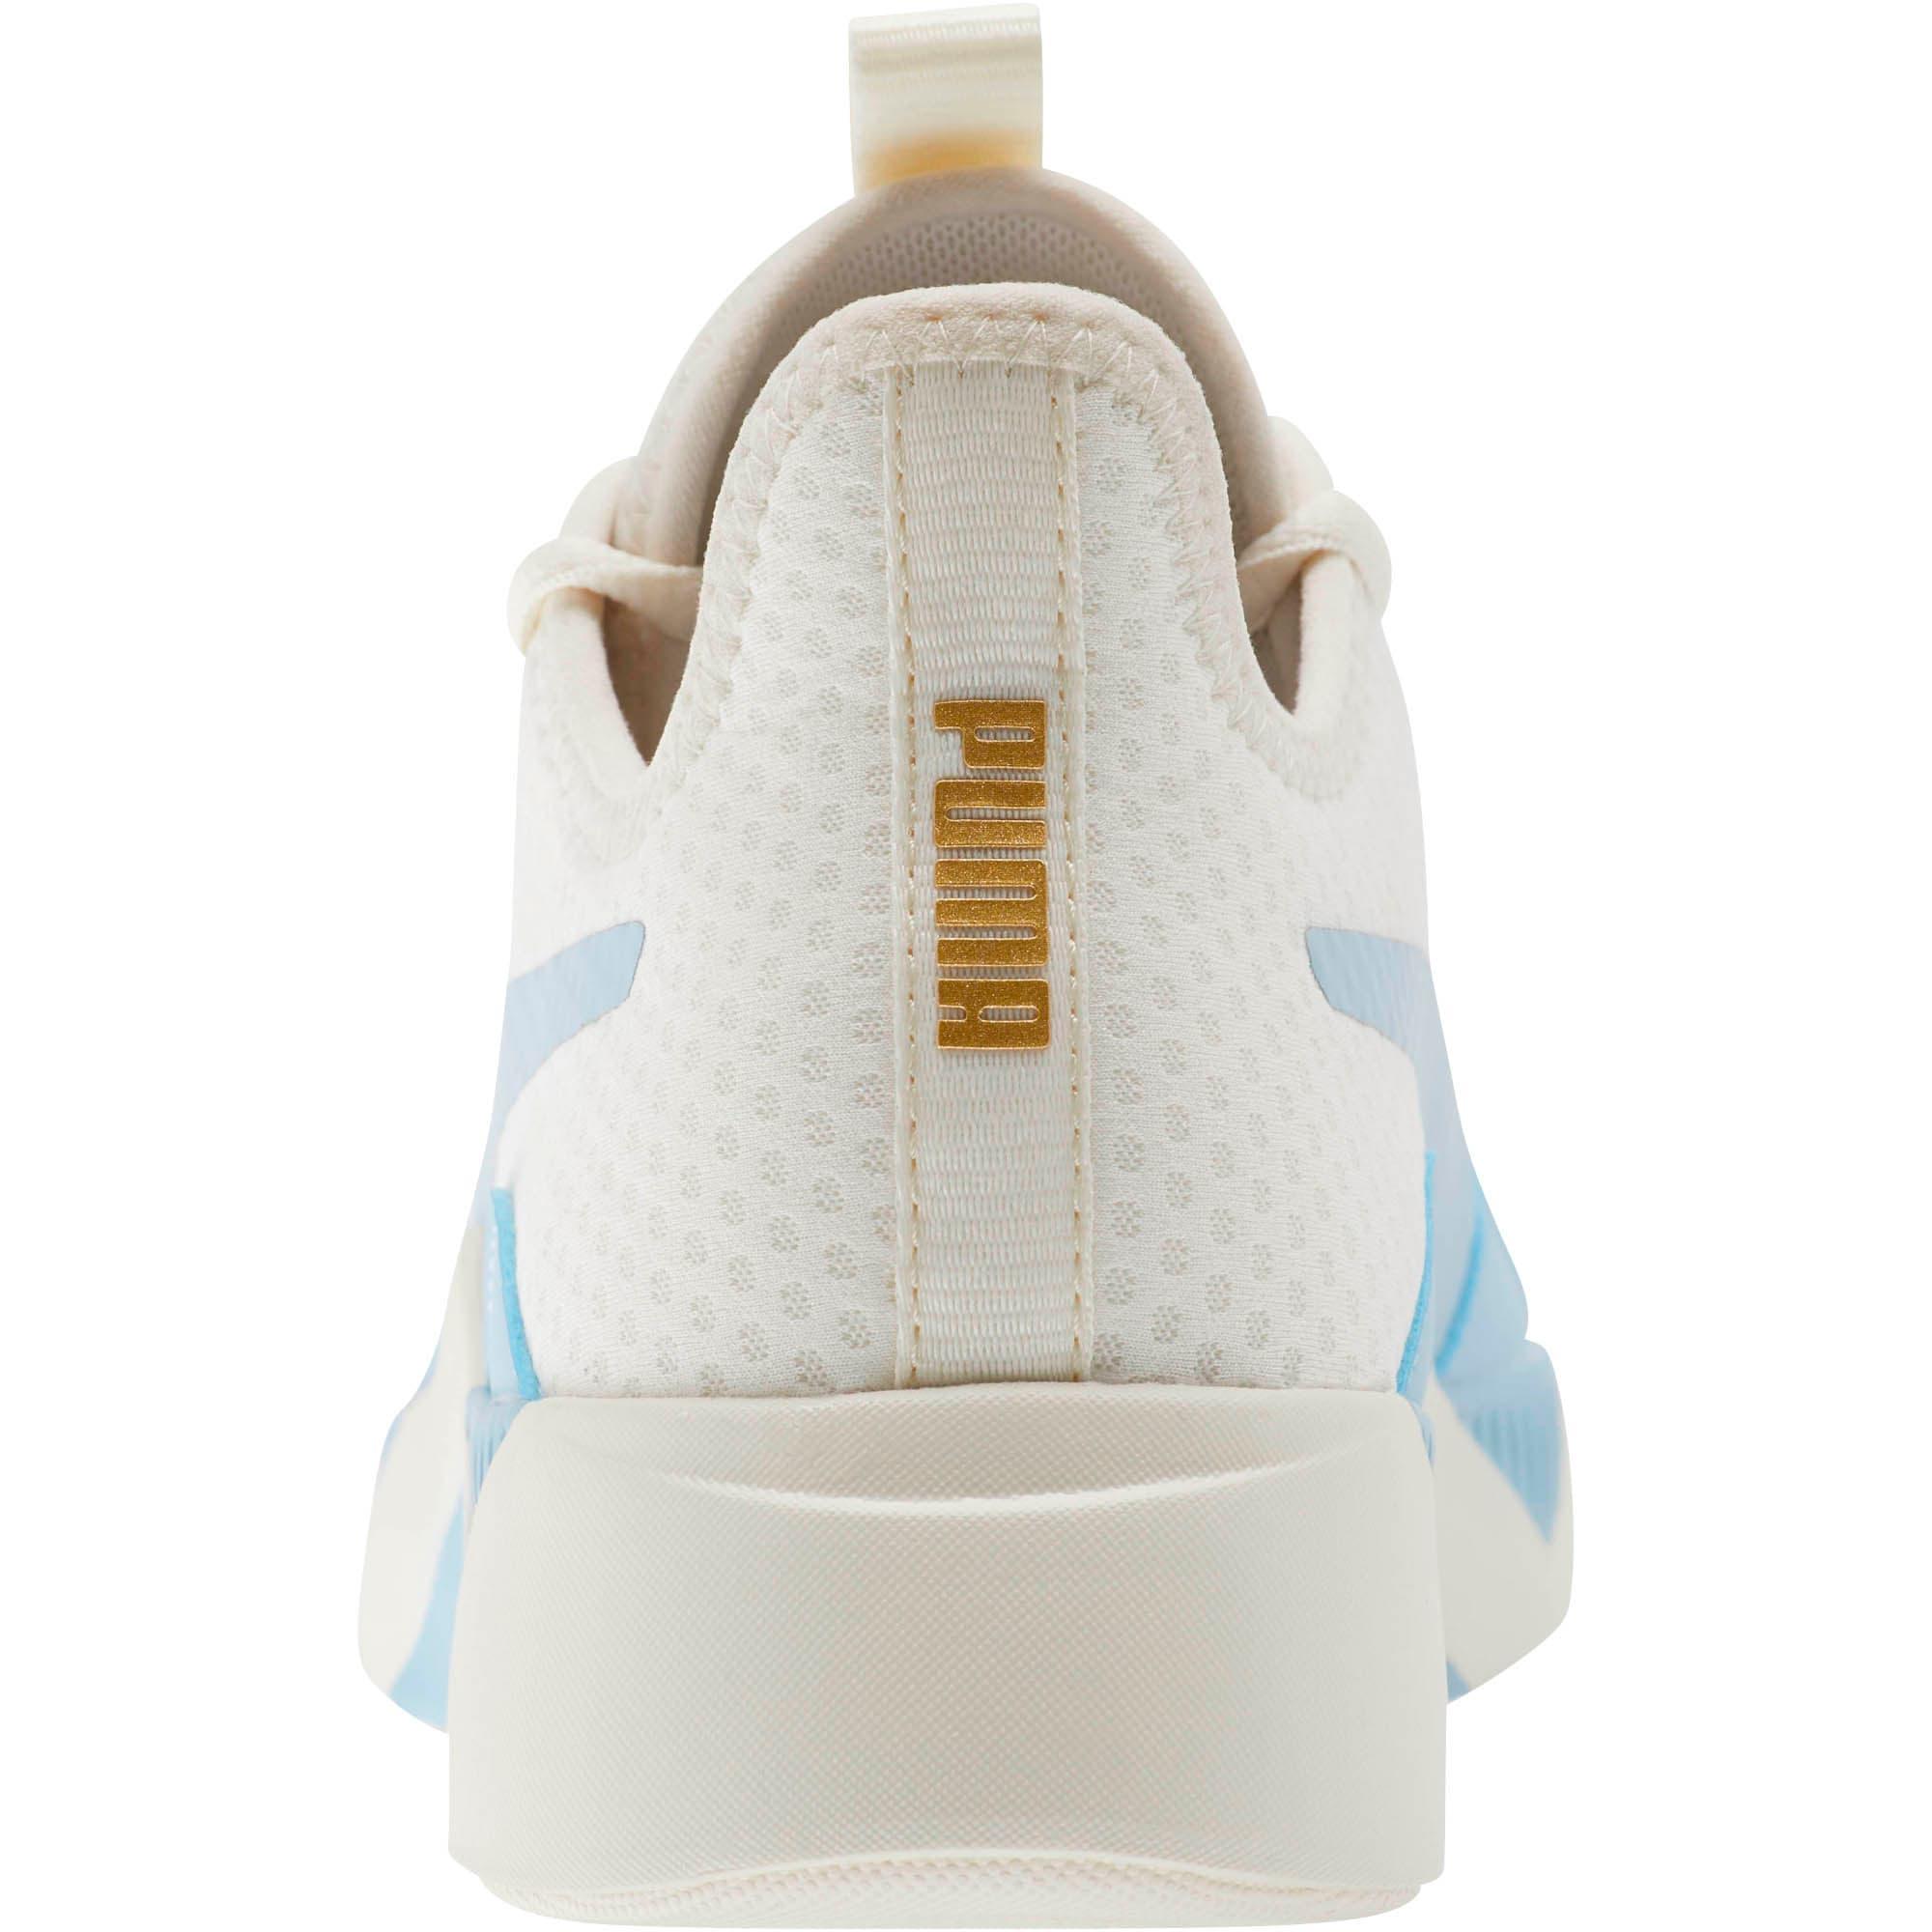 Thumbnail 3 of Incite Sweet Women's Training Shoes, Whisper White-Light Sky, medium